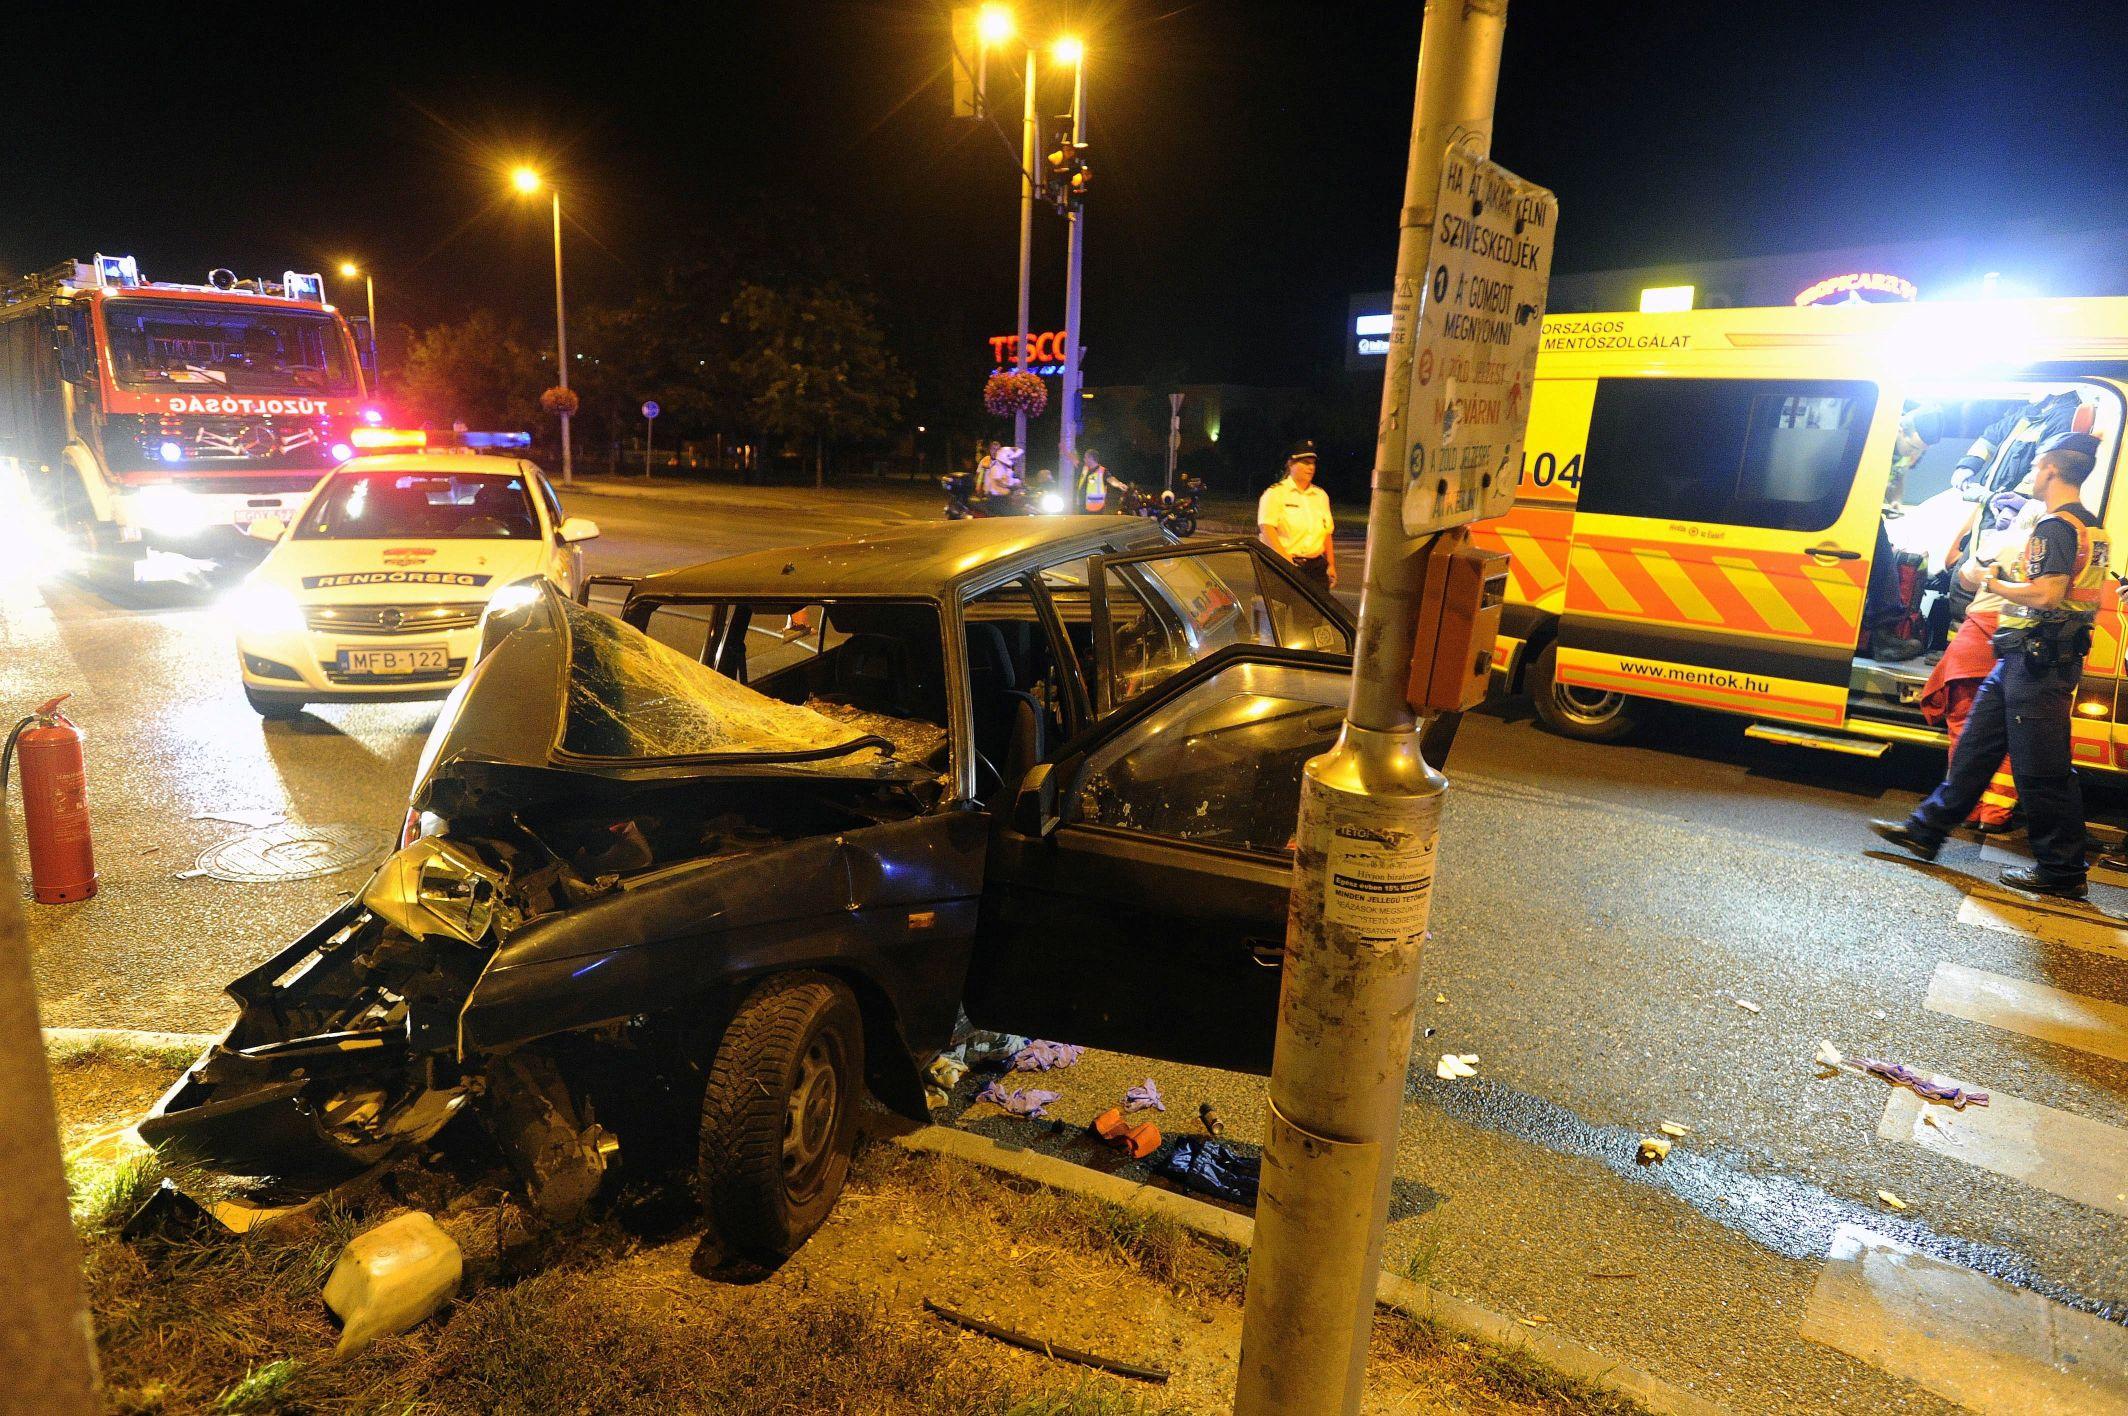 Budapest, 2016. szeptember 4. Összetört személygépkocsi, miután villanyoszlopnak ütközött Budapesten, a XXII. kerület Nagytétényi úton 2016. szeptember 3-án. A balesetben a jármû vezetõje súlyosan megsérült. MTI Fotó: Mihádák Zoltán